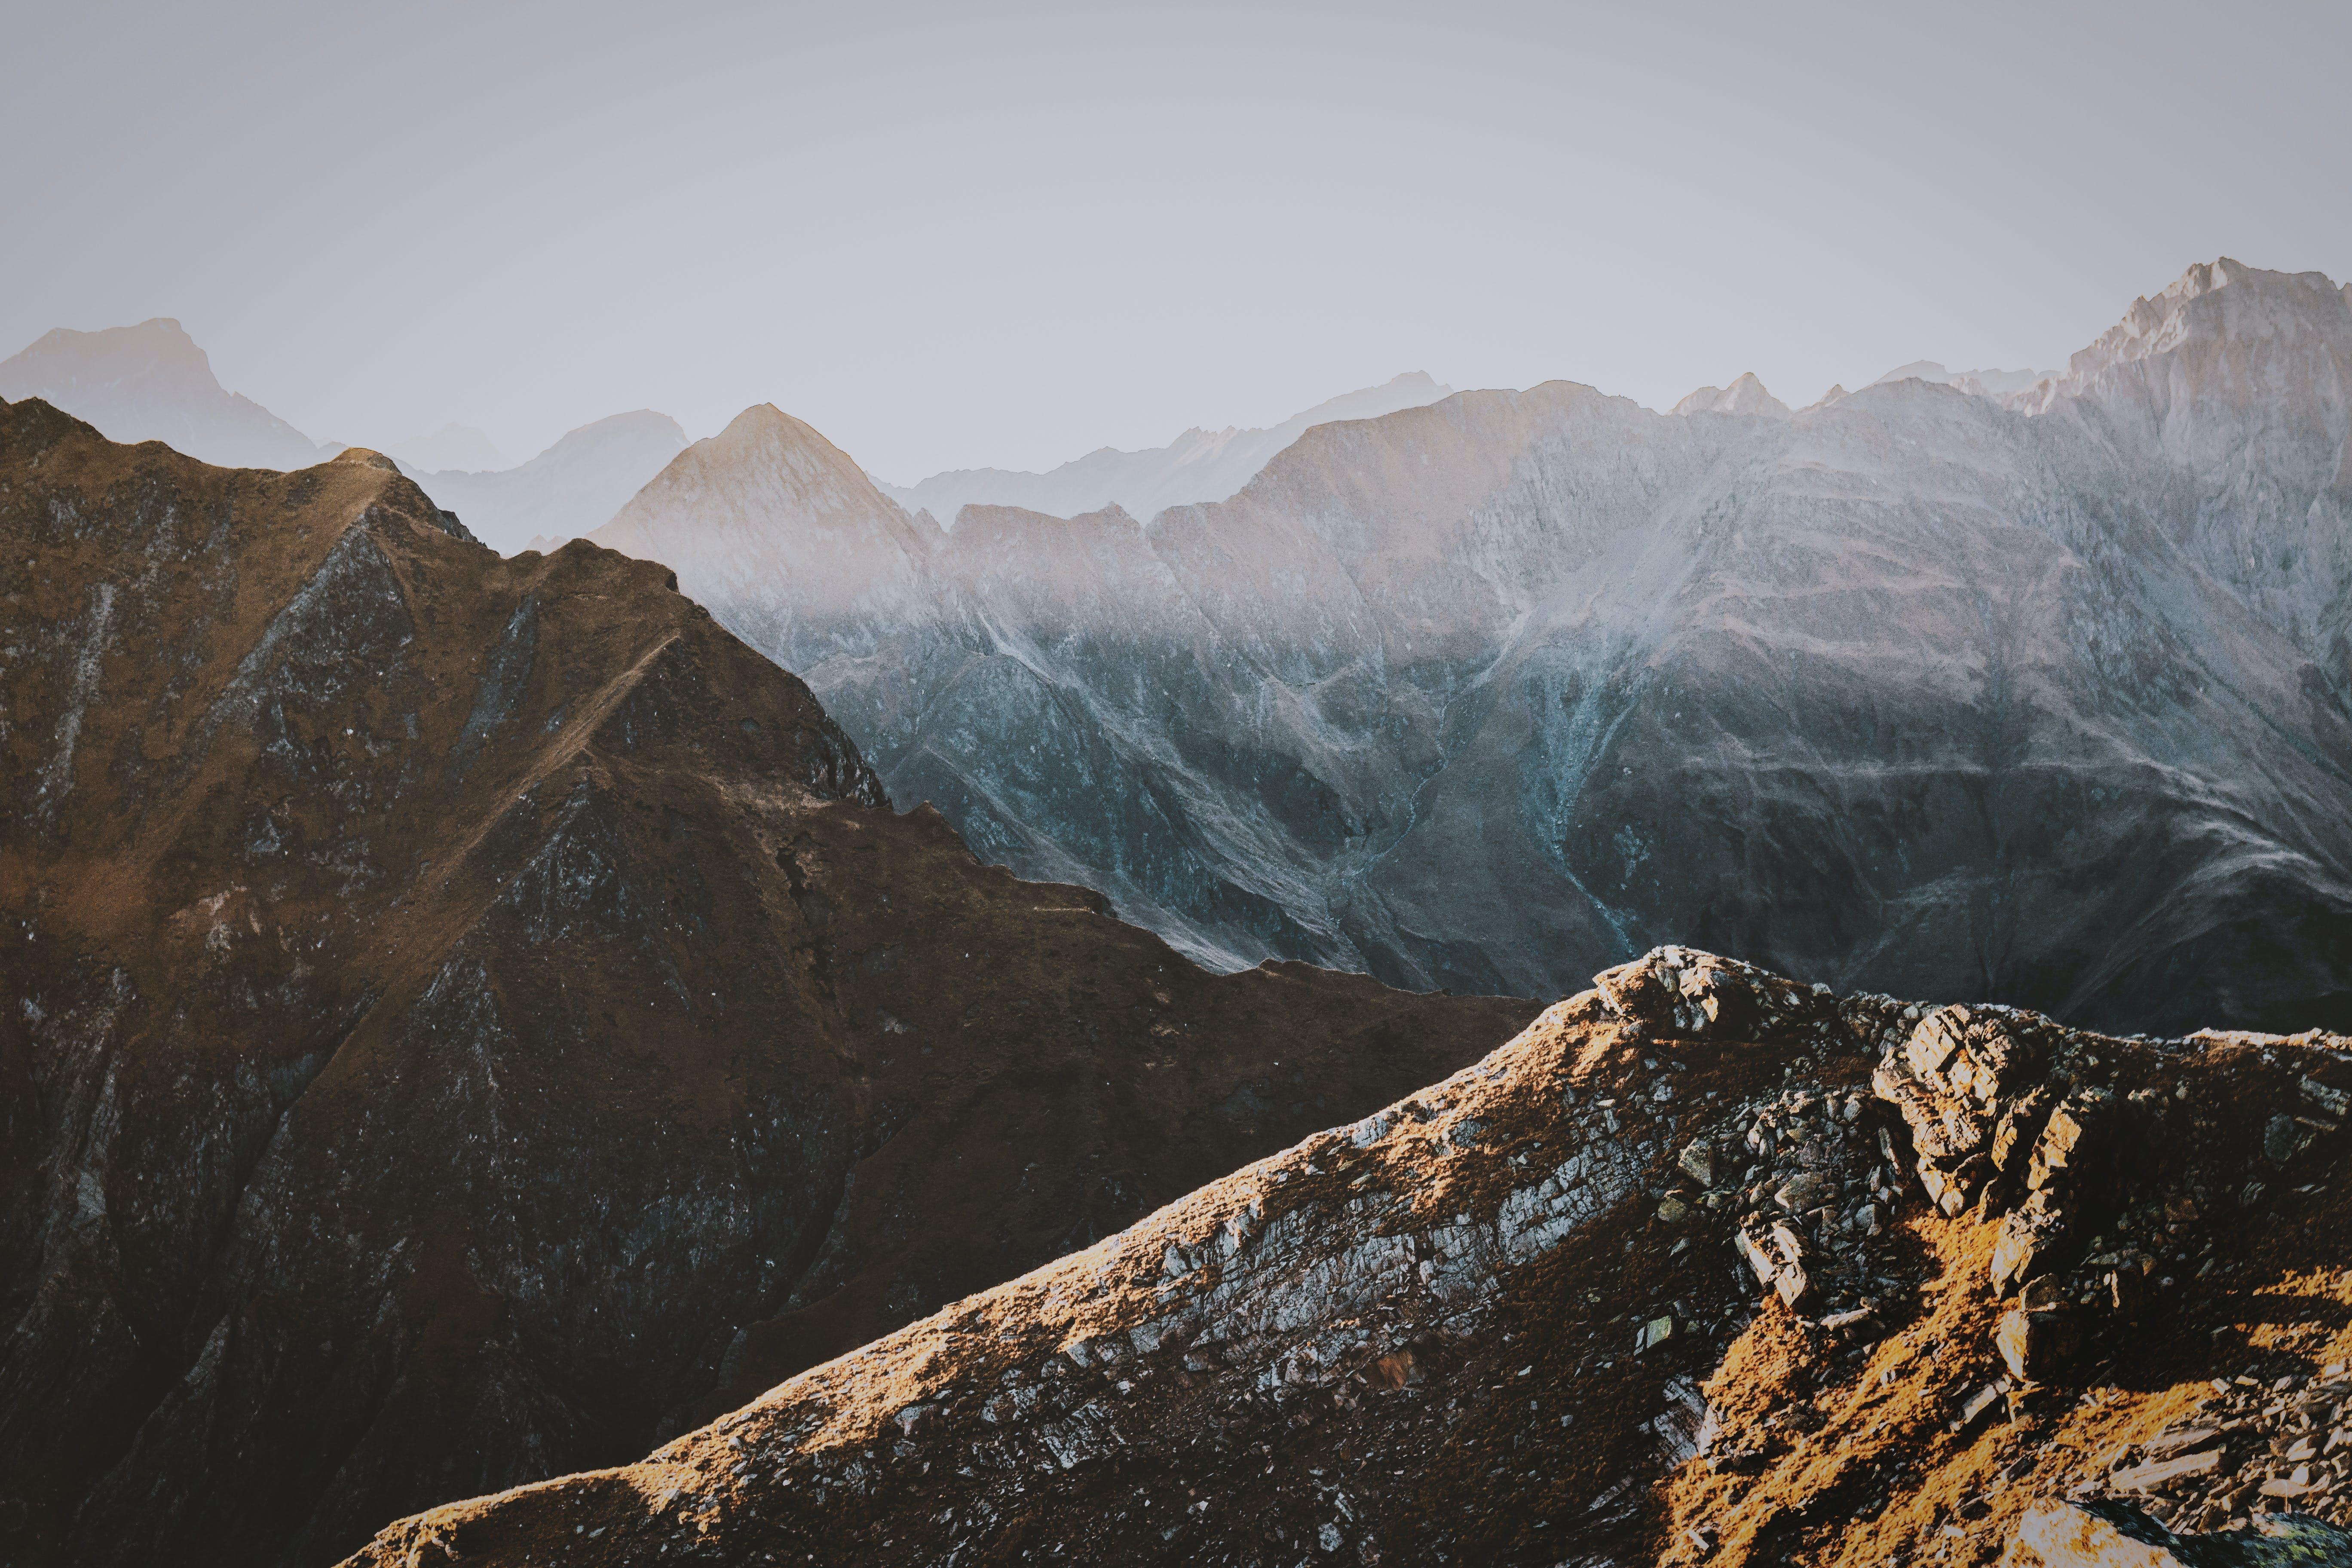 Gratis stockfoto met Alpen, bergen, hd achtergrond, landschap